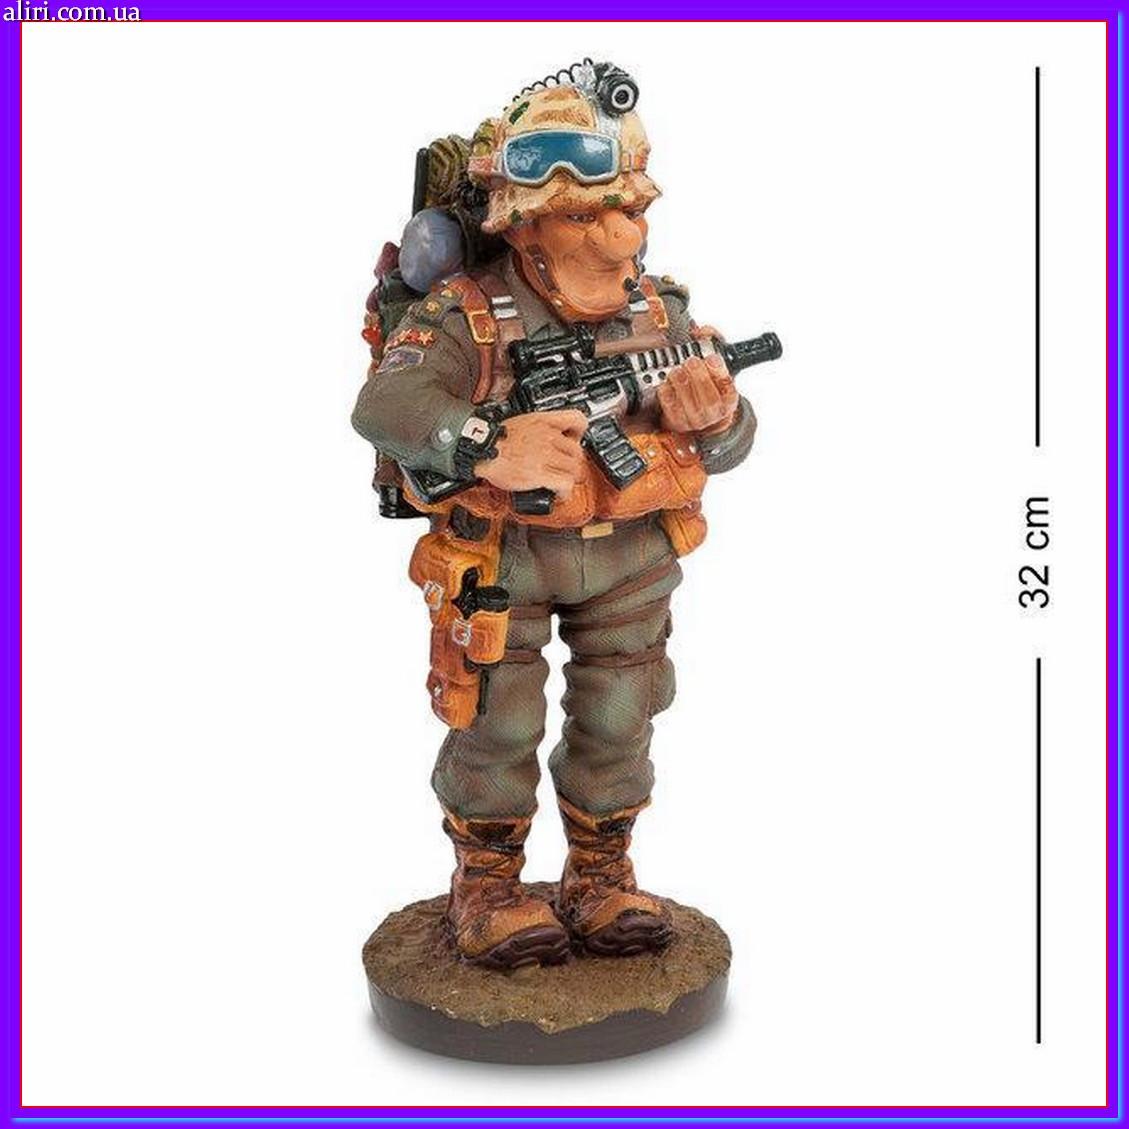 Статуэтка Военный 32 см Profisti.Parastone, прикольный подарок солдату